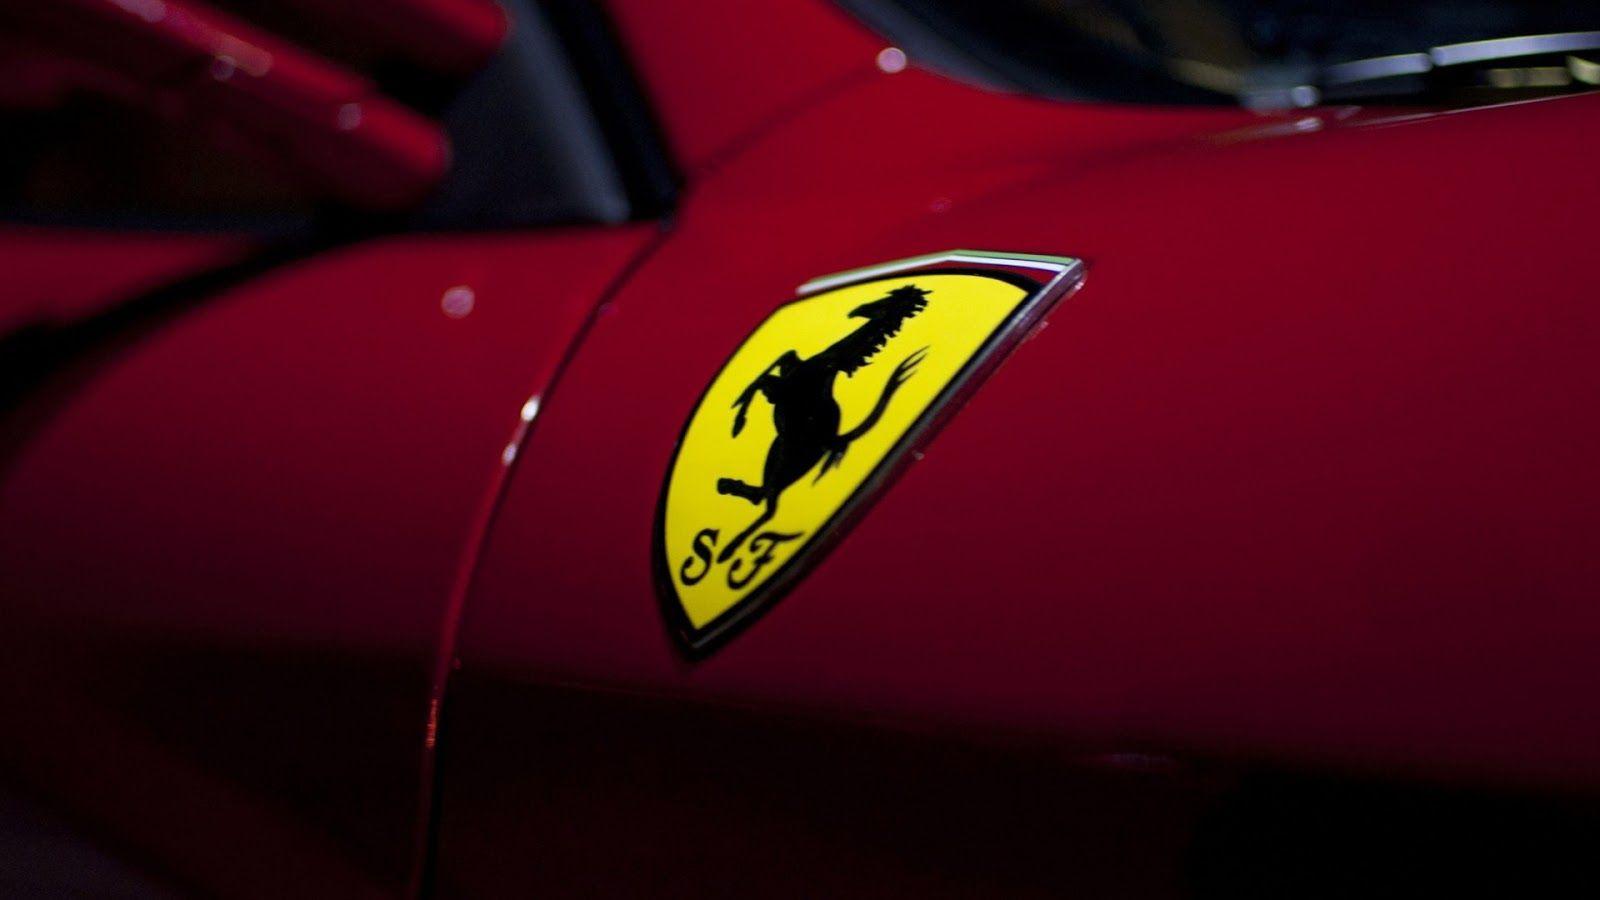 Ferrari presenterà una nuova supercar ibrida entro la fine di maggio